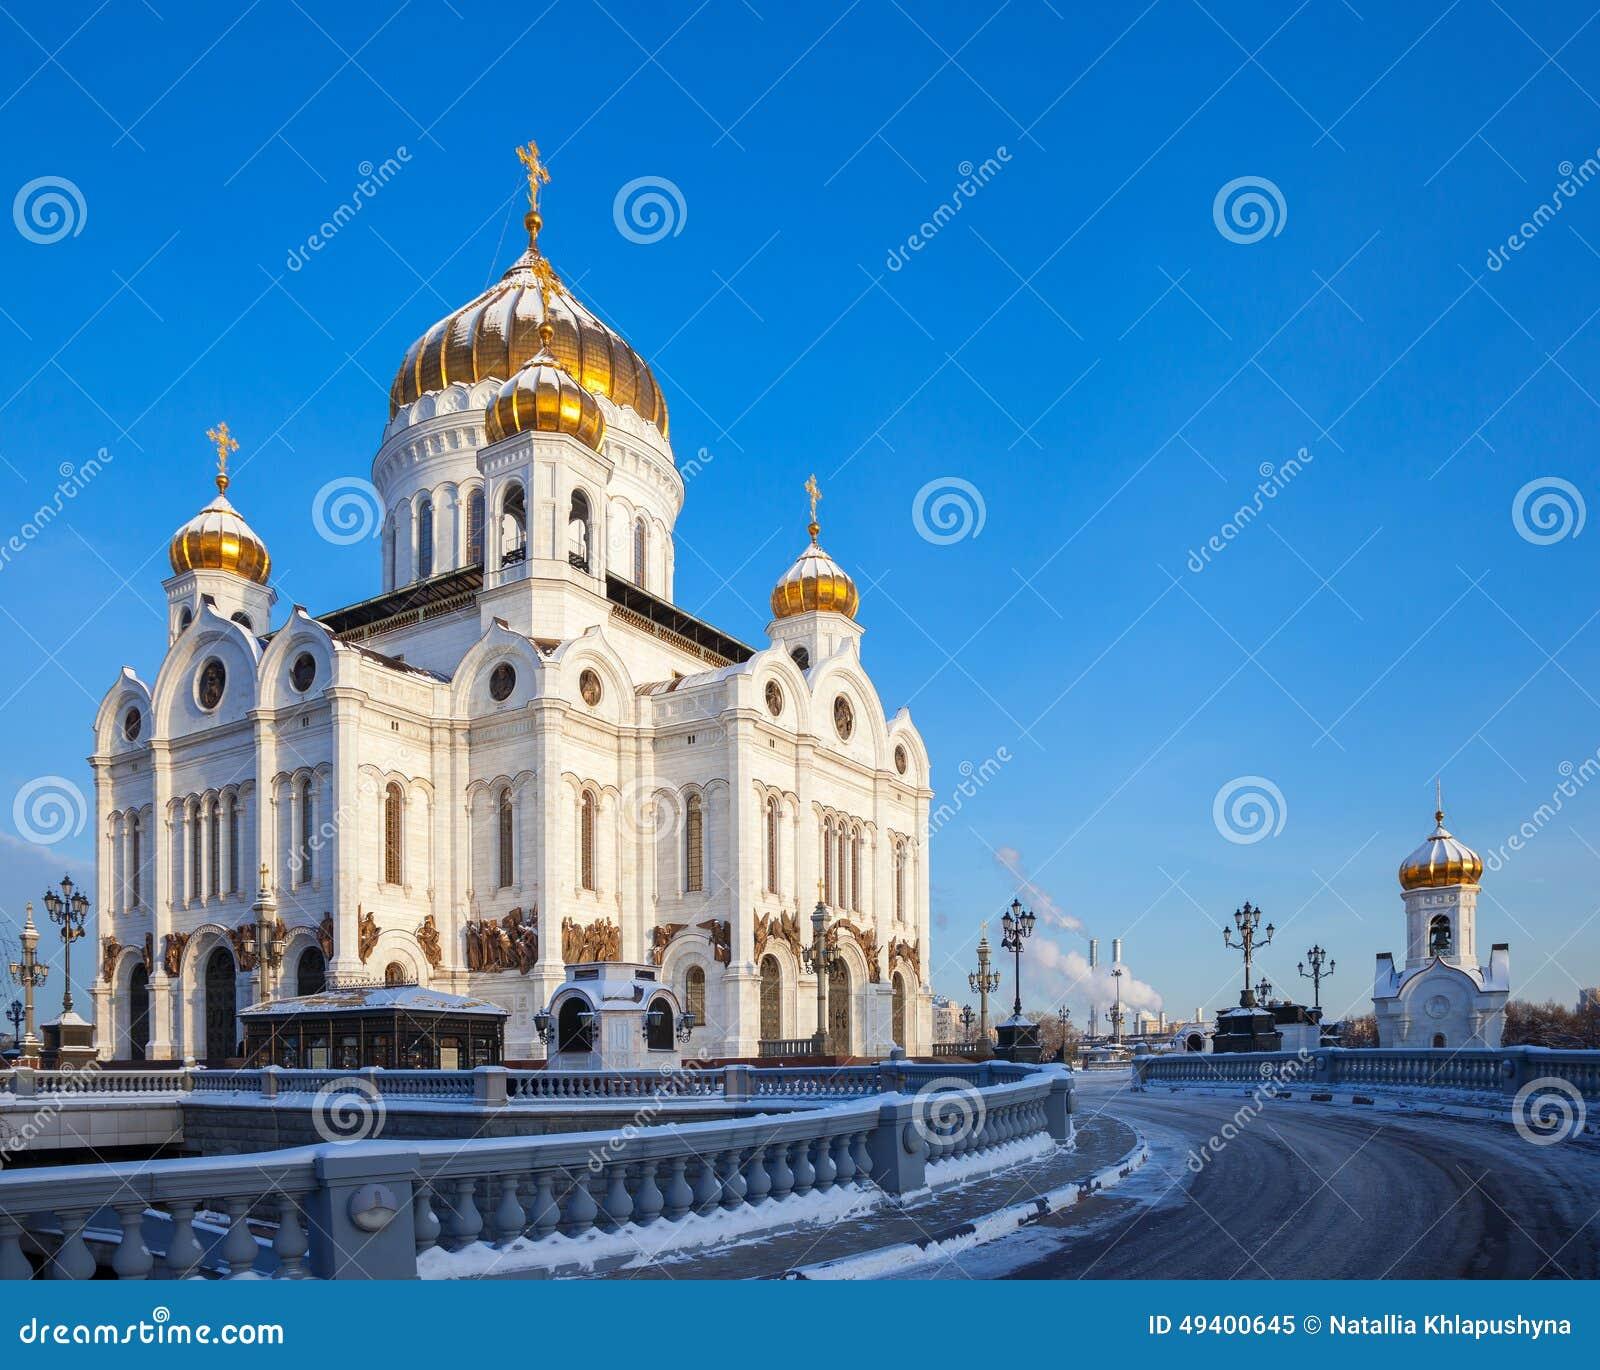 Download Kirche Von Christ Der Retter In Moskau Stockbild - Bild von skyline, showplace: 49400645